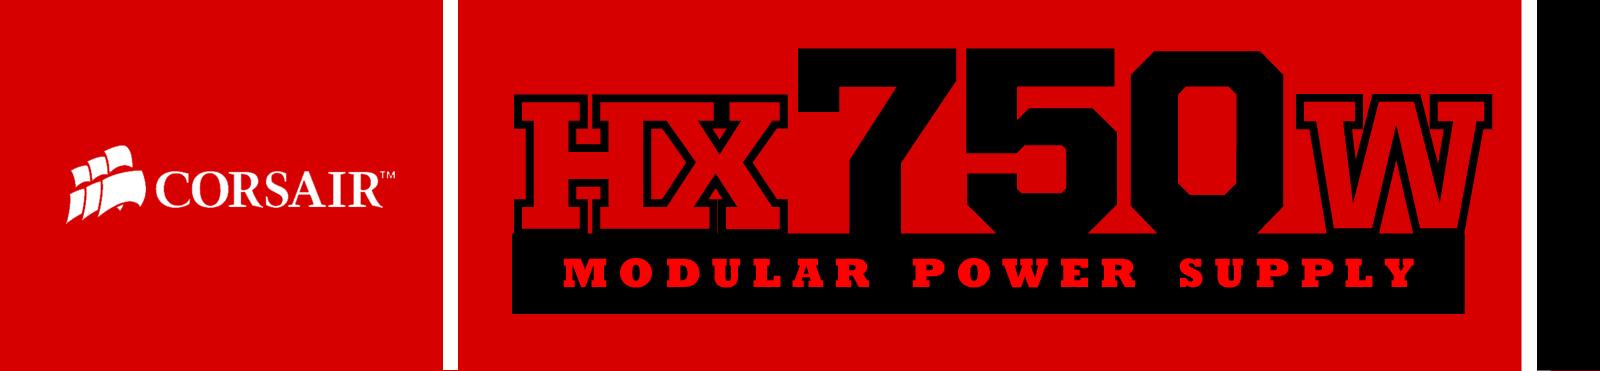 corsair_tx_750_psu_sticker_by_jammo2k5-d47c61q.jpg